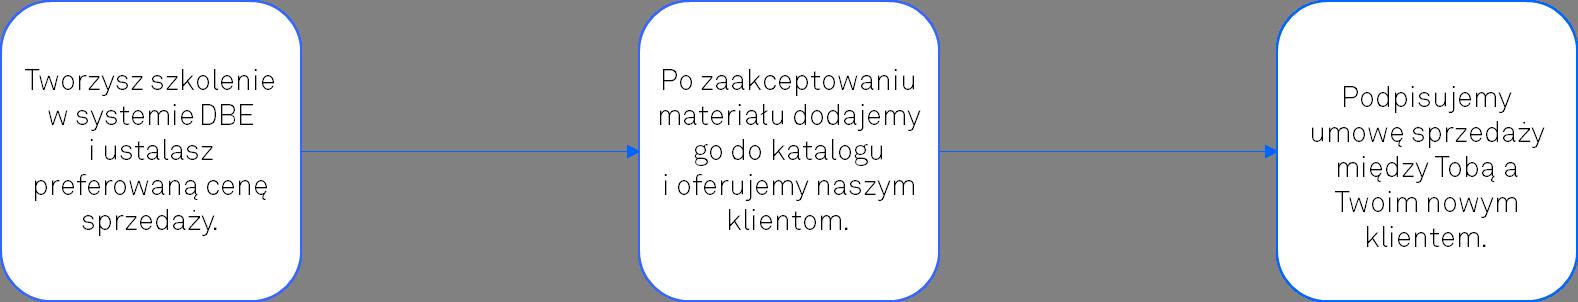 Obraz12